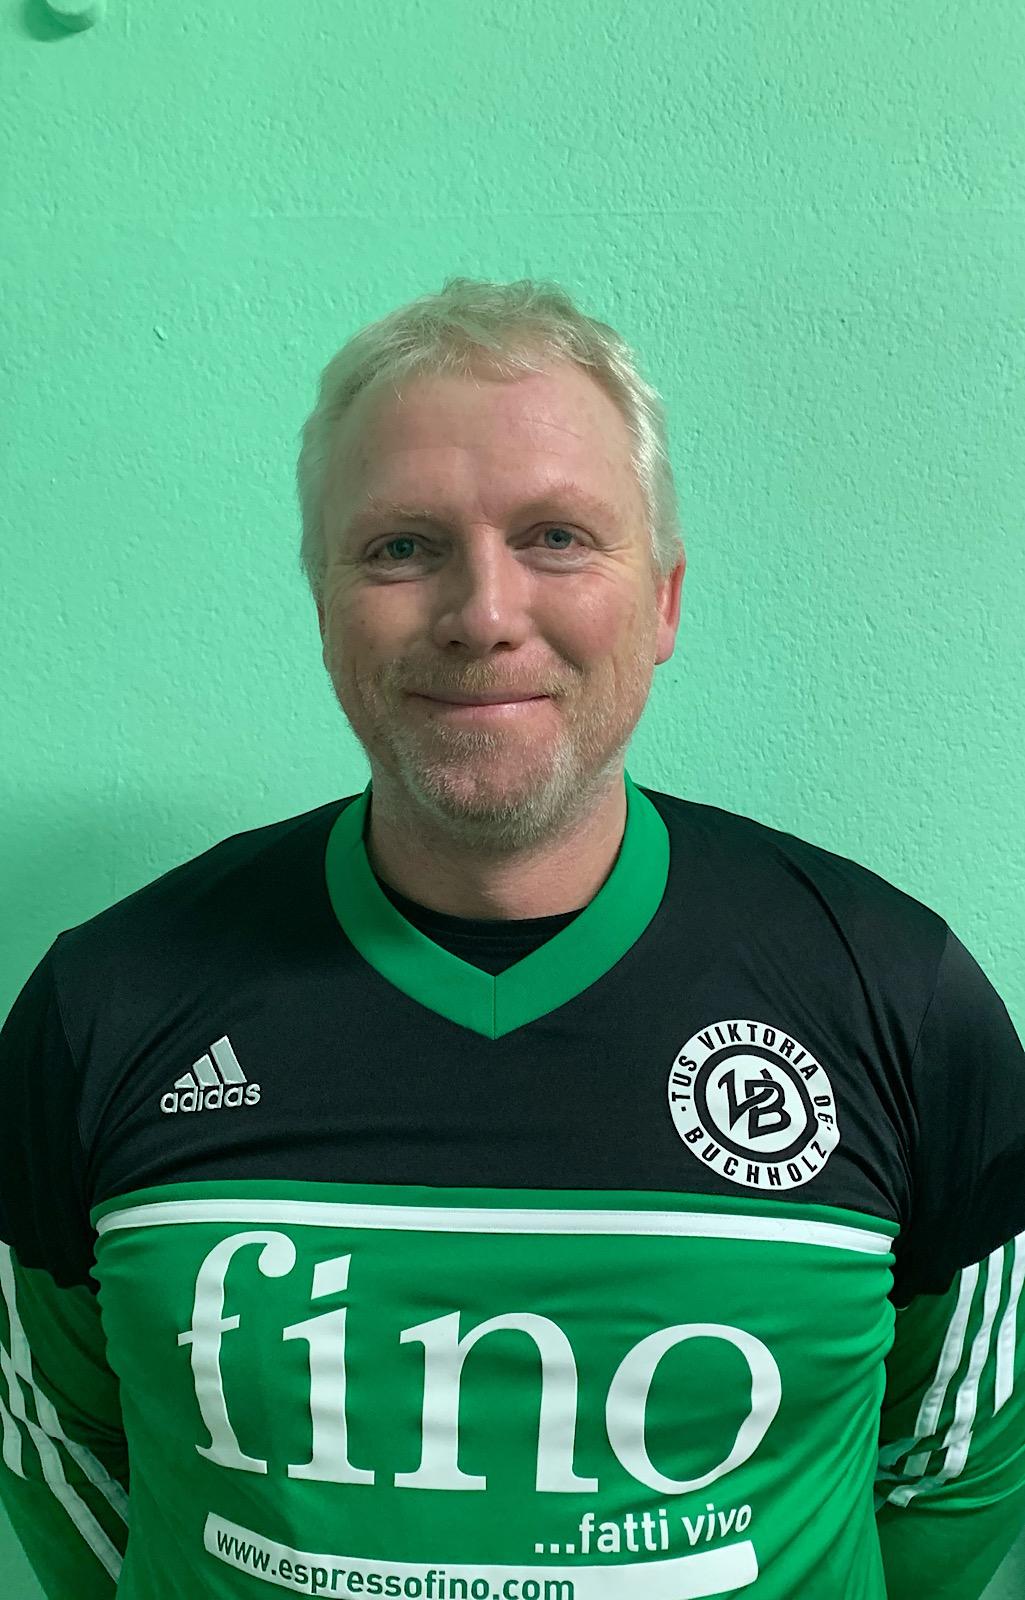 Markus Wedig